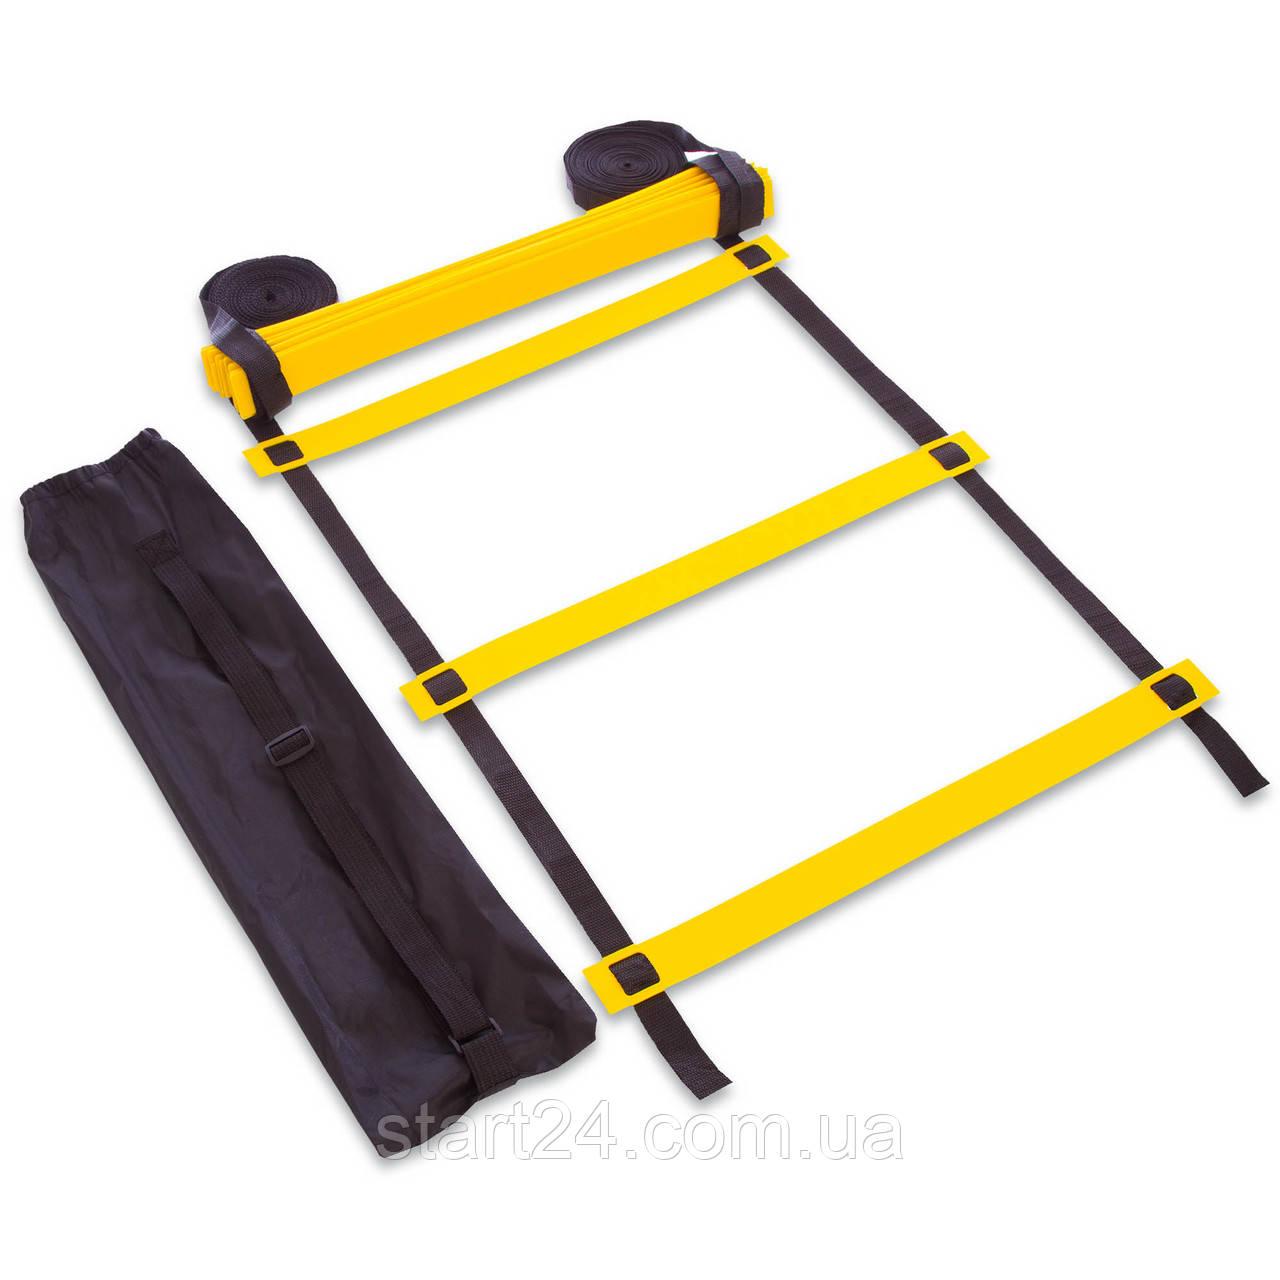 Координационная лестница дорожка для тренировки скорости 10м (20 переклад) C-4607 (10мx0,52мx2мм,цвета в